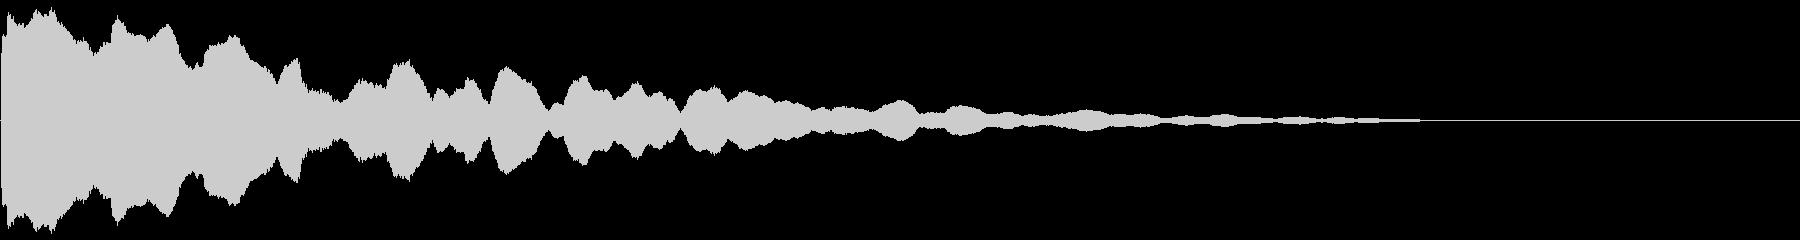 【ゲーム演出】SF_ポーンッッッの未再生の波形